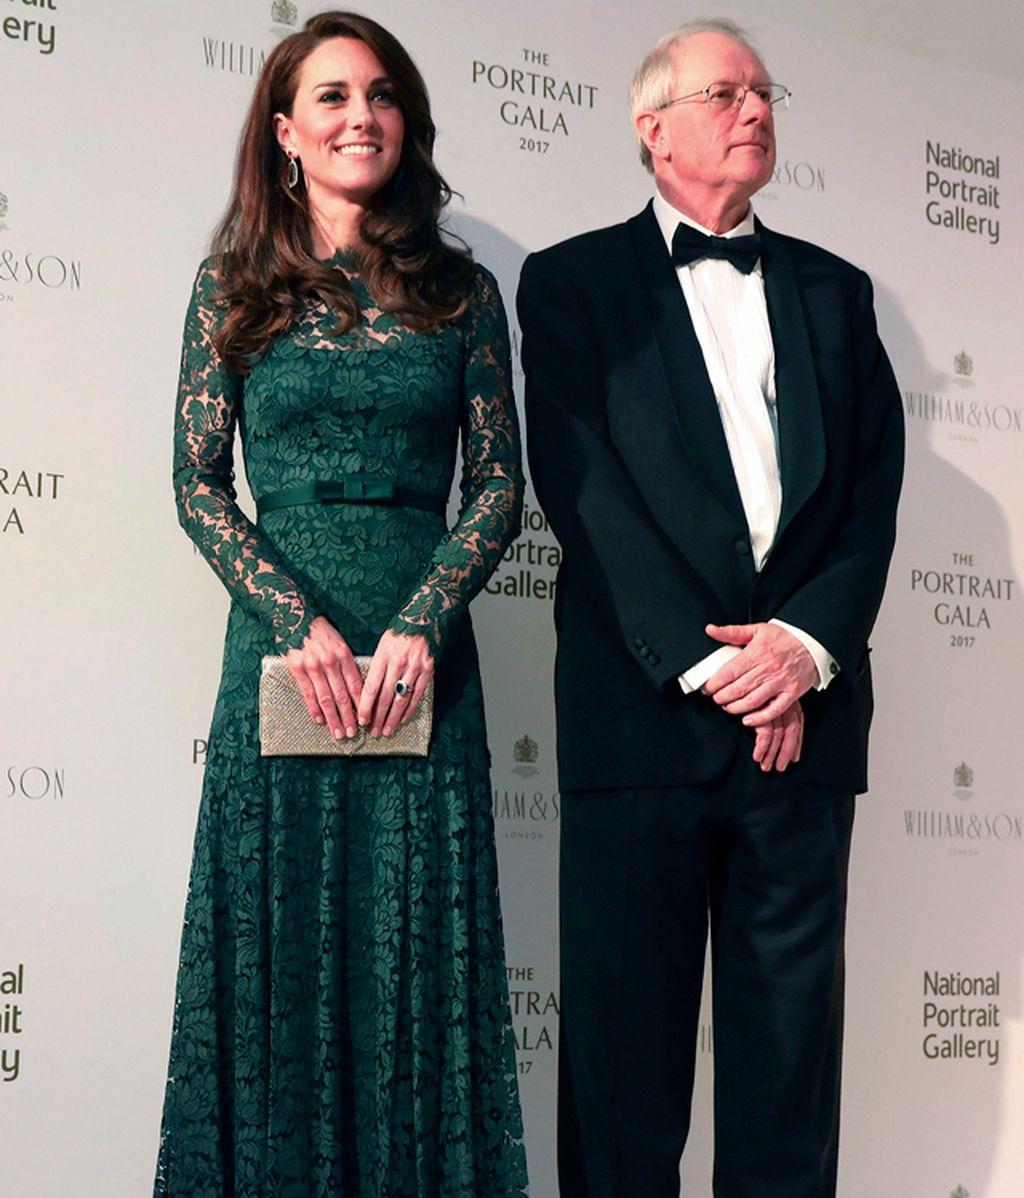 Portrait Gala 2017: verde, encaje y lazo, todos los detalles del 'look' de Kate Middleton